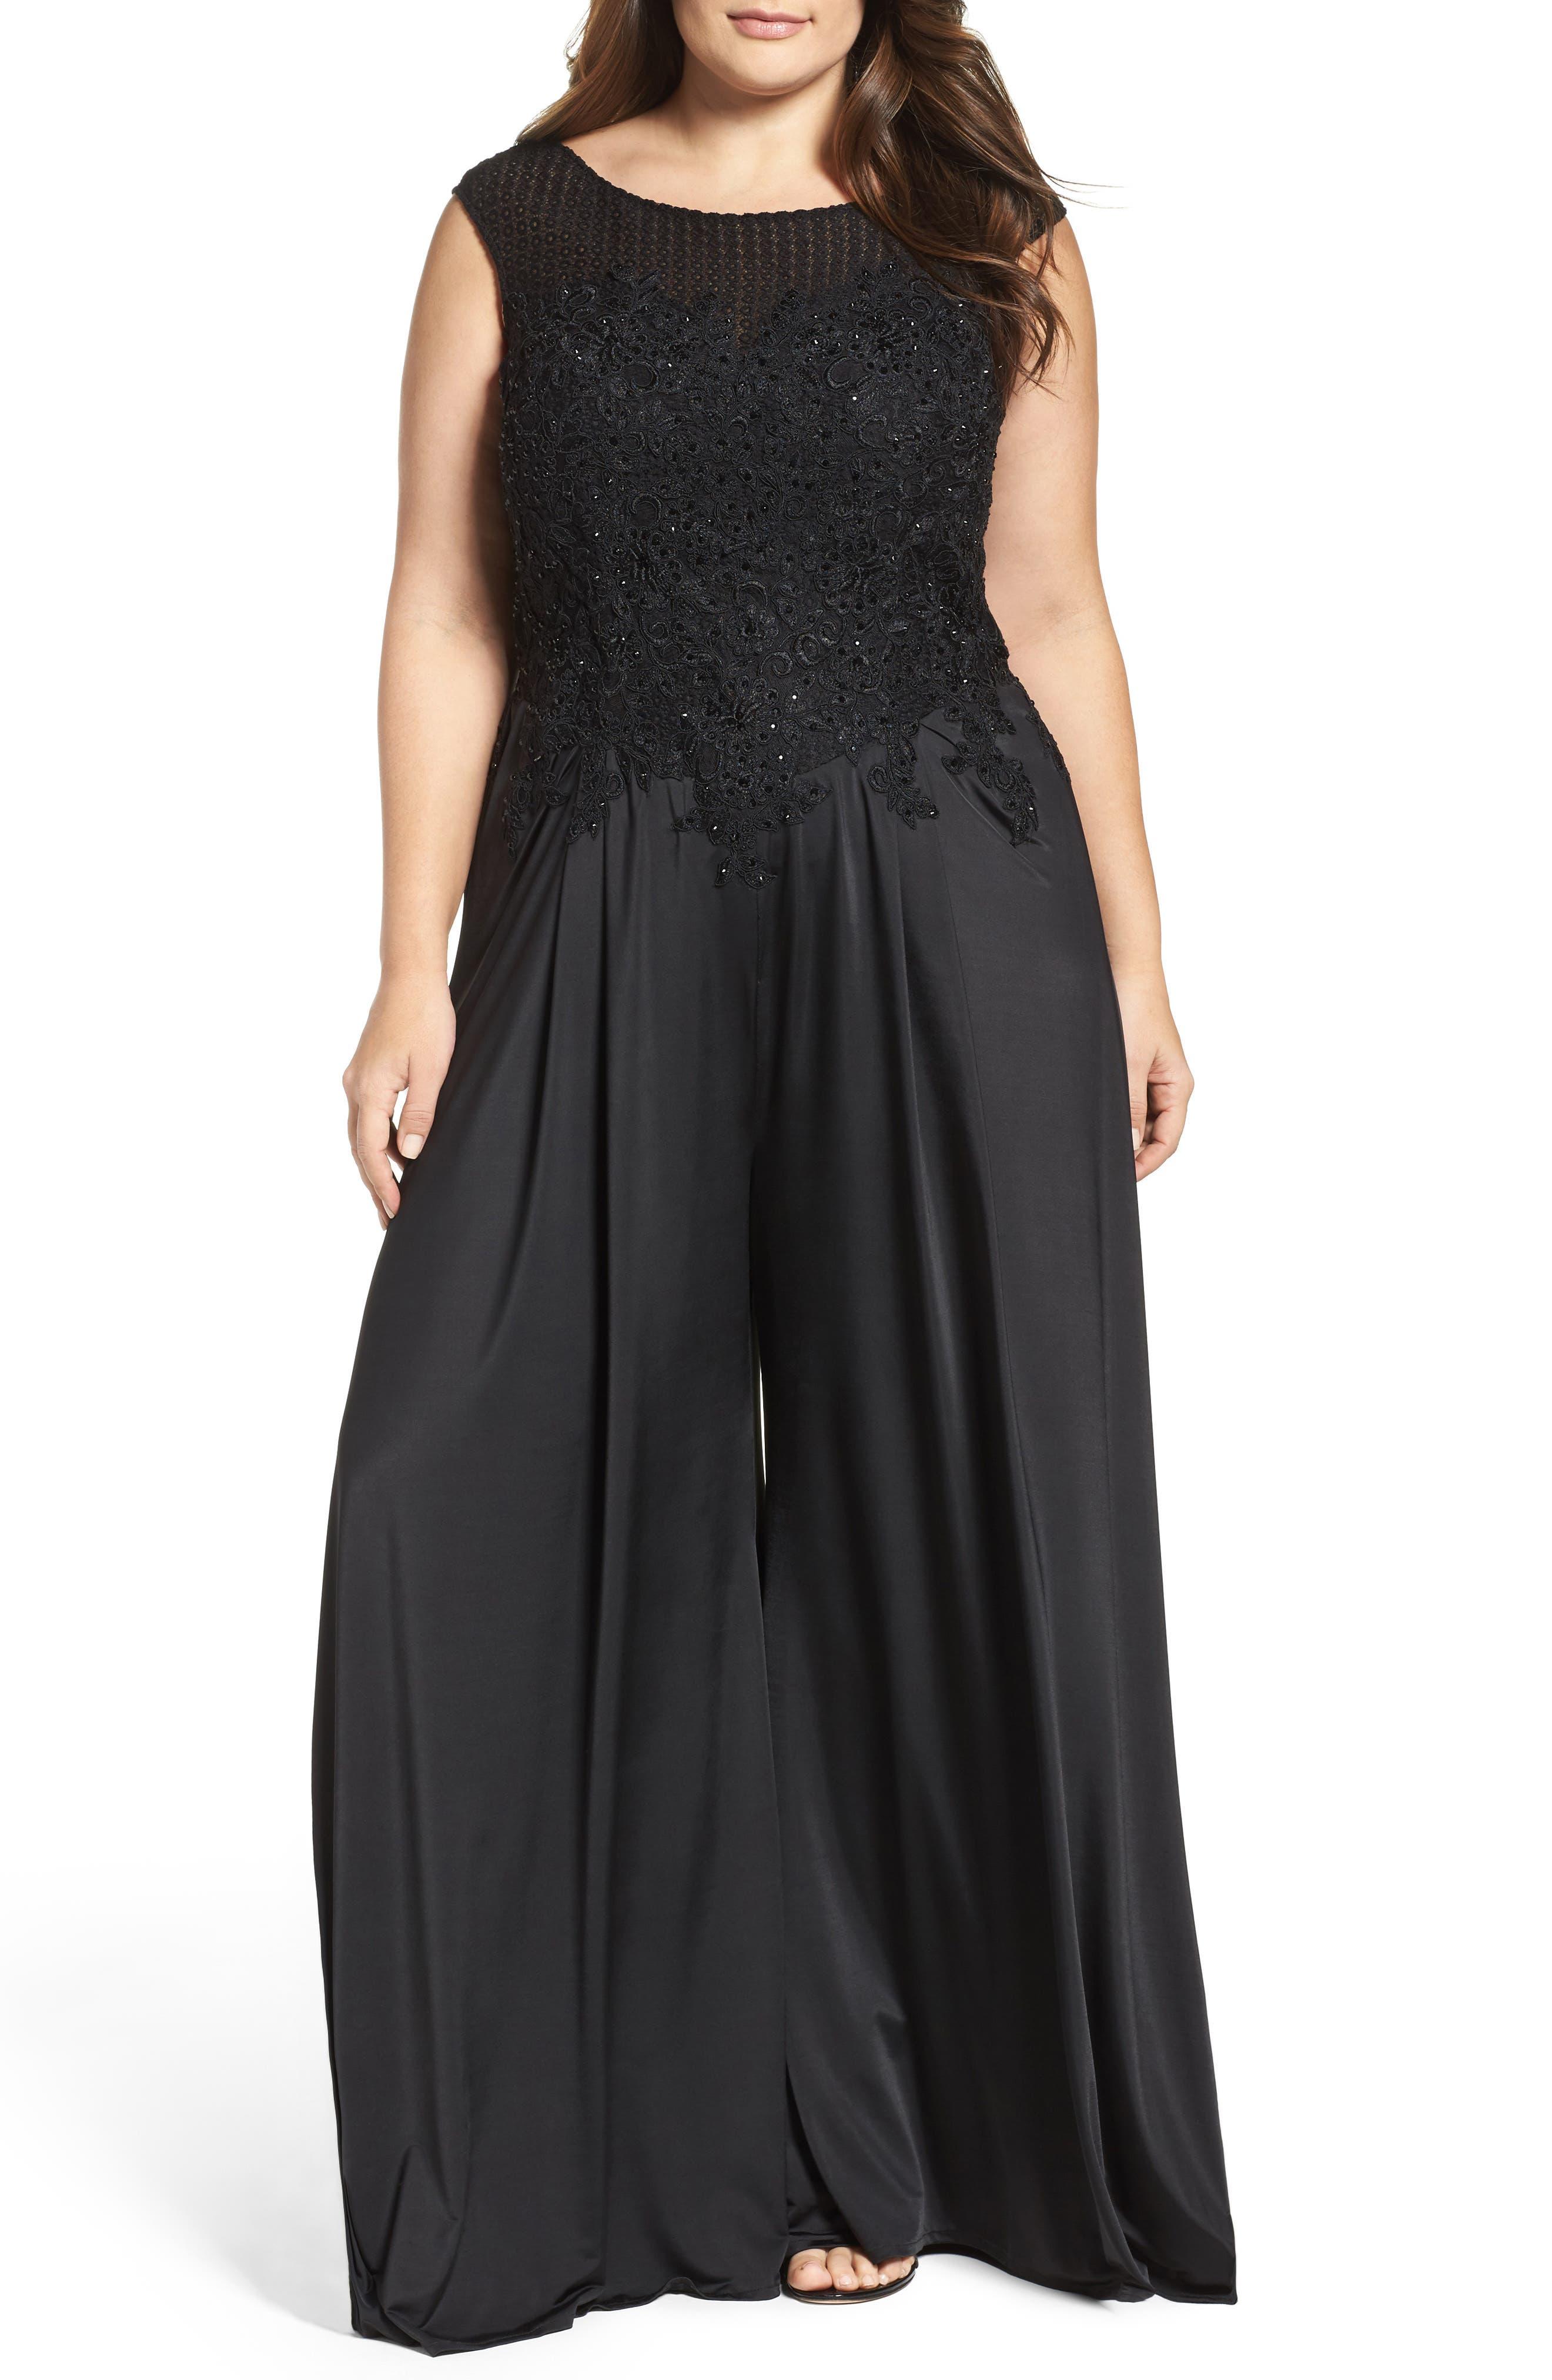 Alternate Image 1 Selected - Mac Duggal Lace Appliqué Jumpsuit (Plus Size)